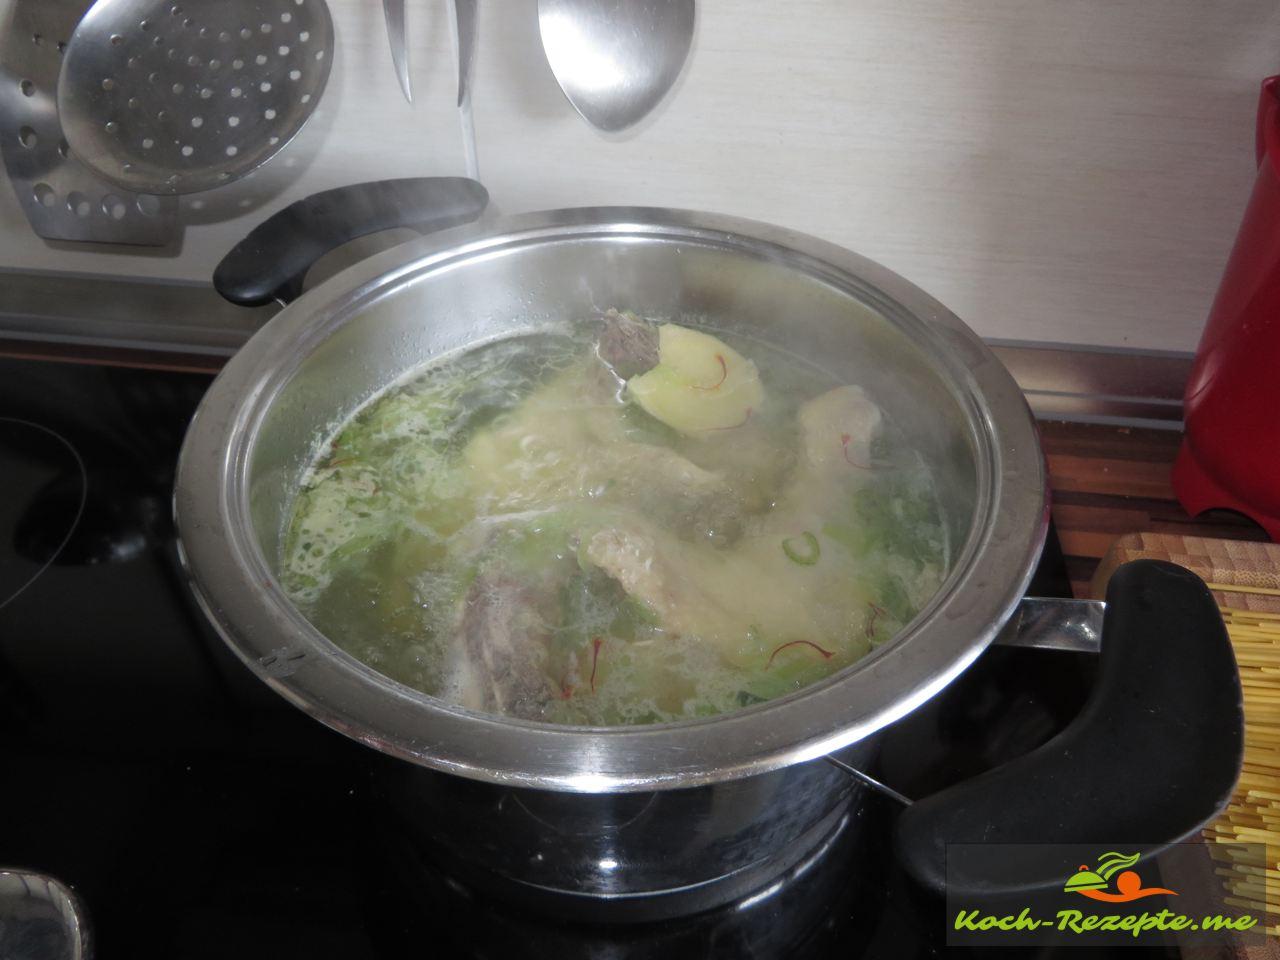 Hähnchenkeulen kochen für Bambi Goreng gebraten, Rezept Nudeln mit Hähnchen und Spiegelei.